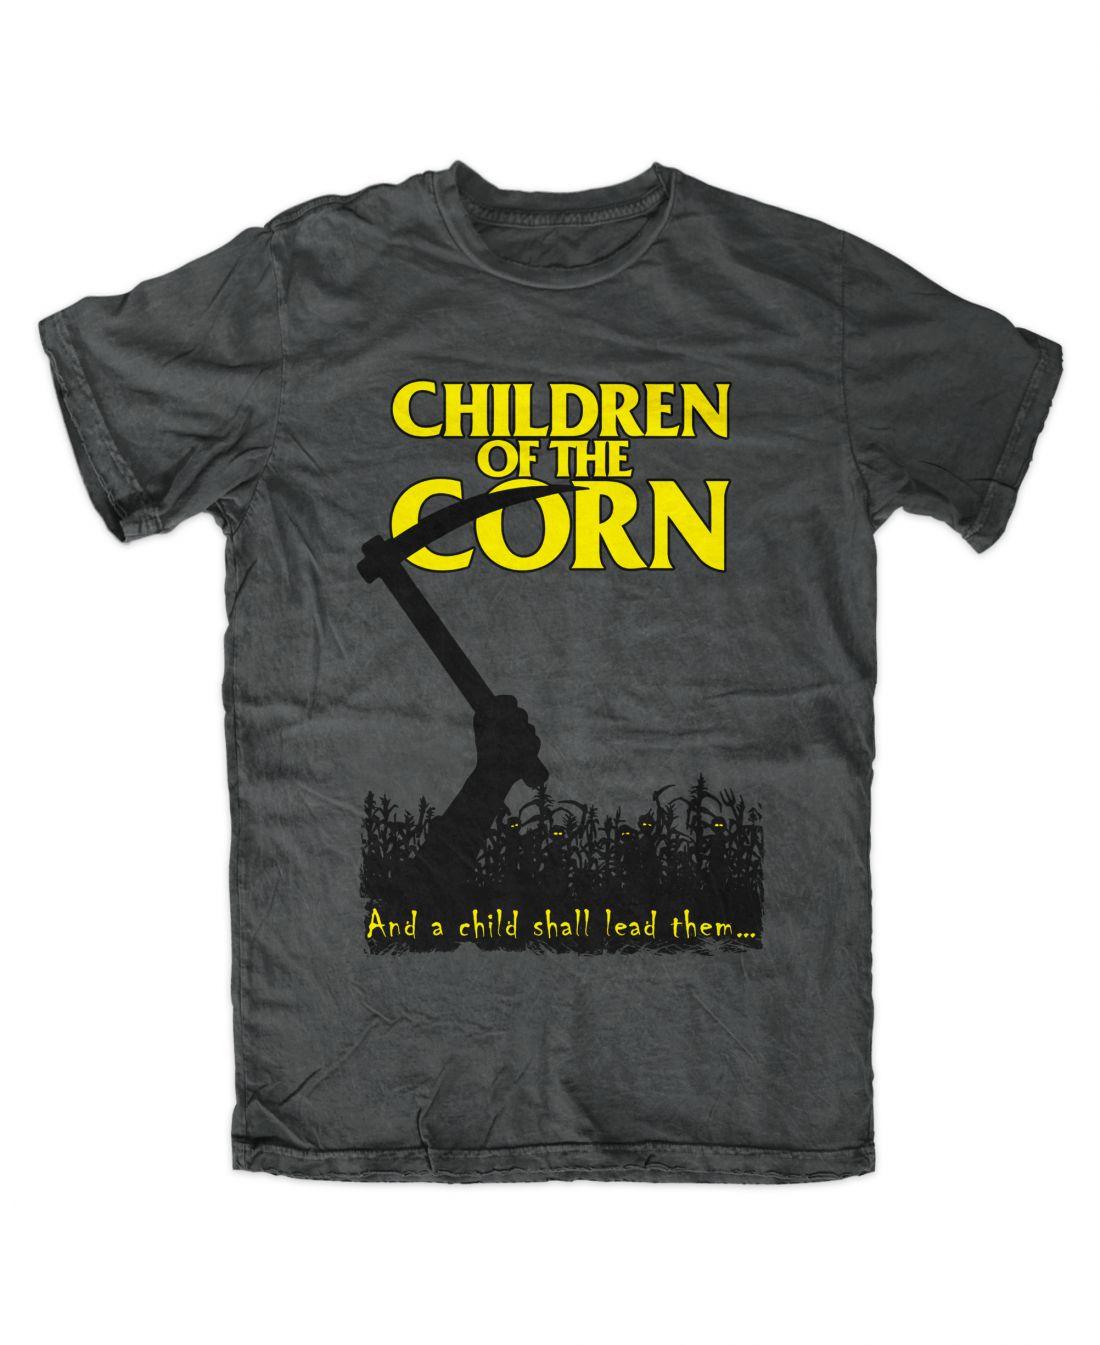 Children Of The Corn (charcoal póló)